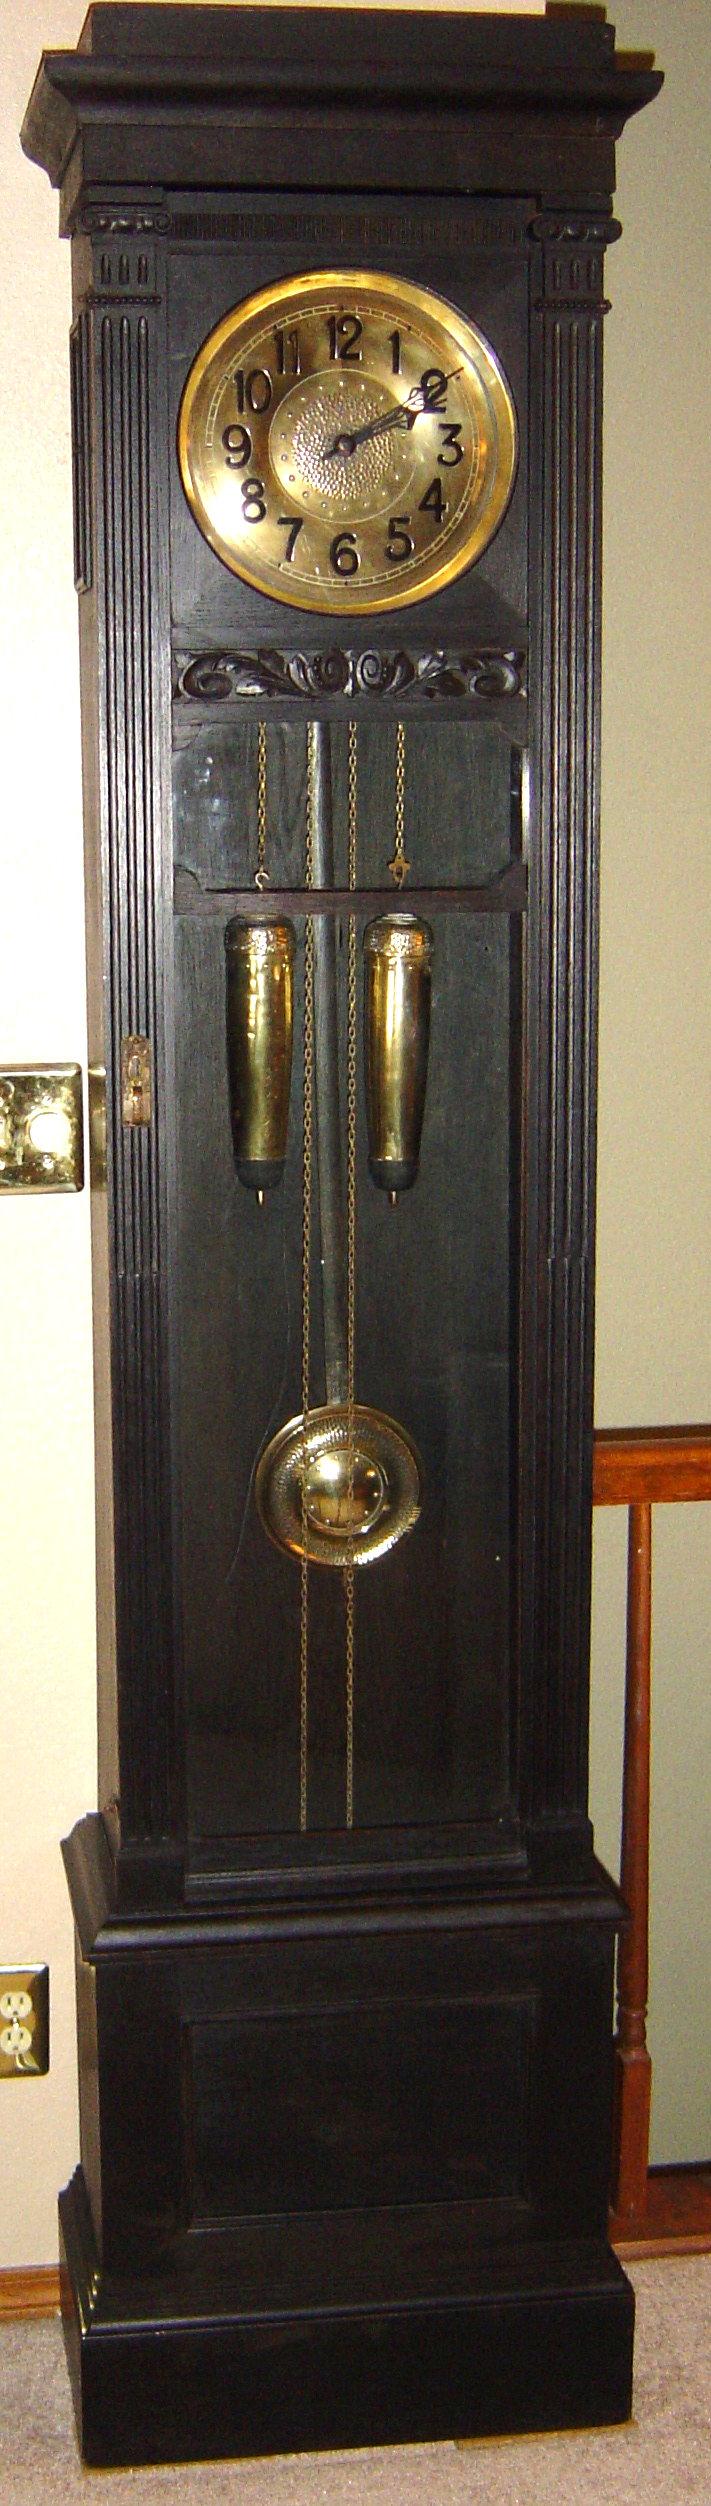 Lenzkirch grandfather clock lenzkirch clocks pinterest lenzkirch grandfather clock amipublicfo Images